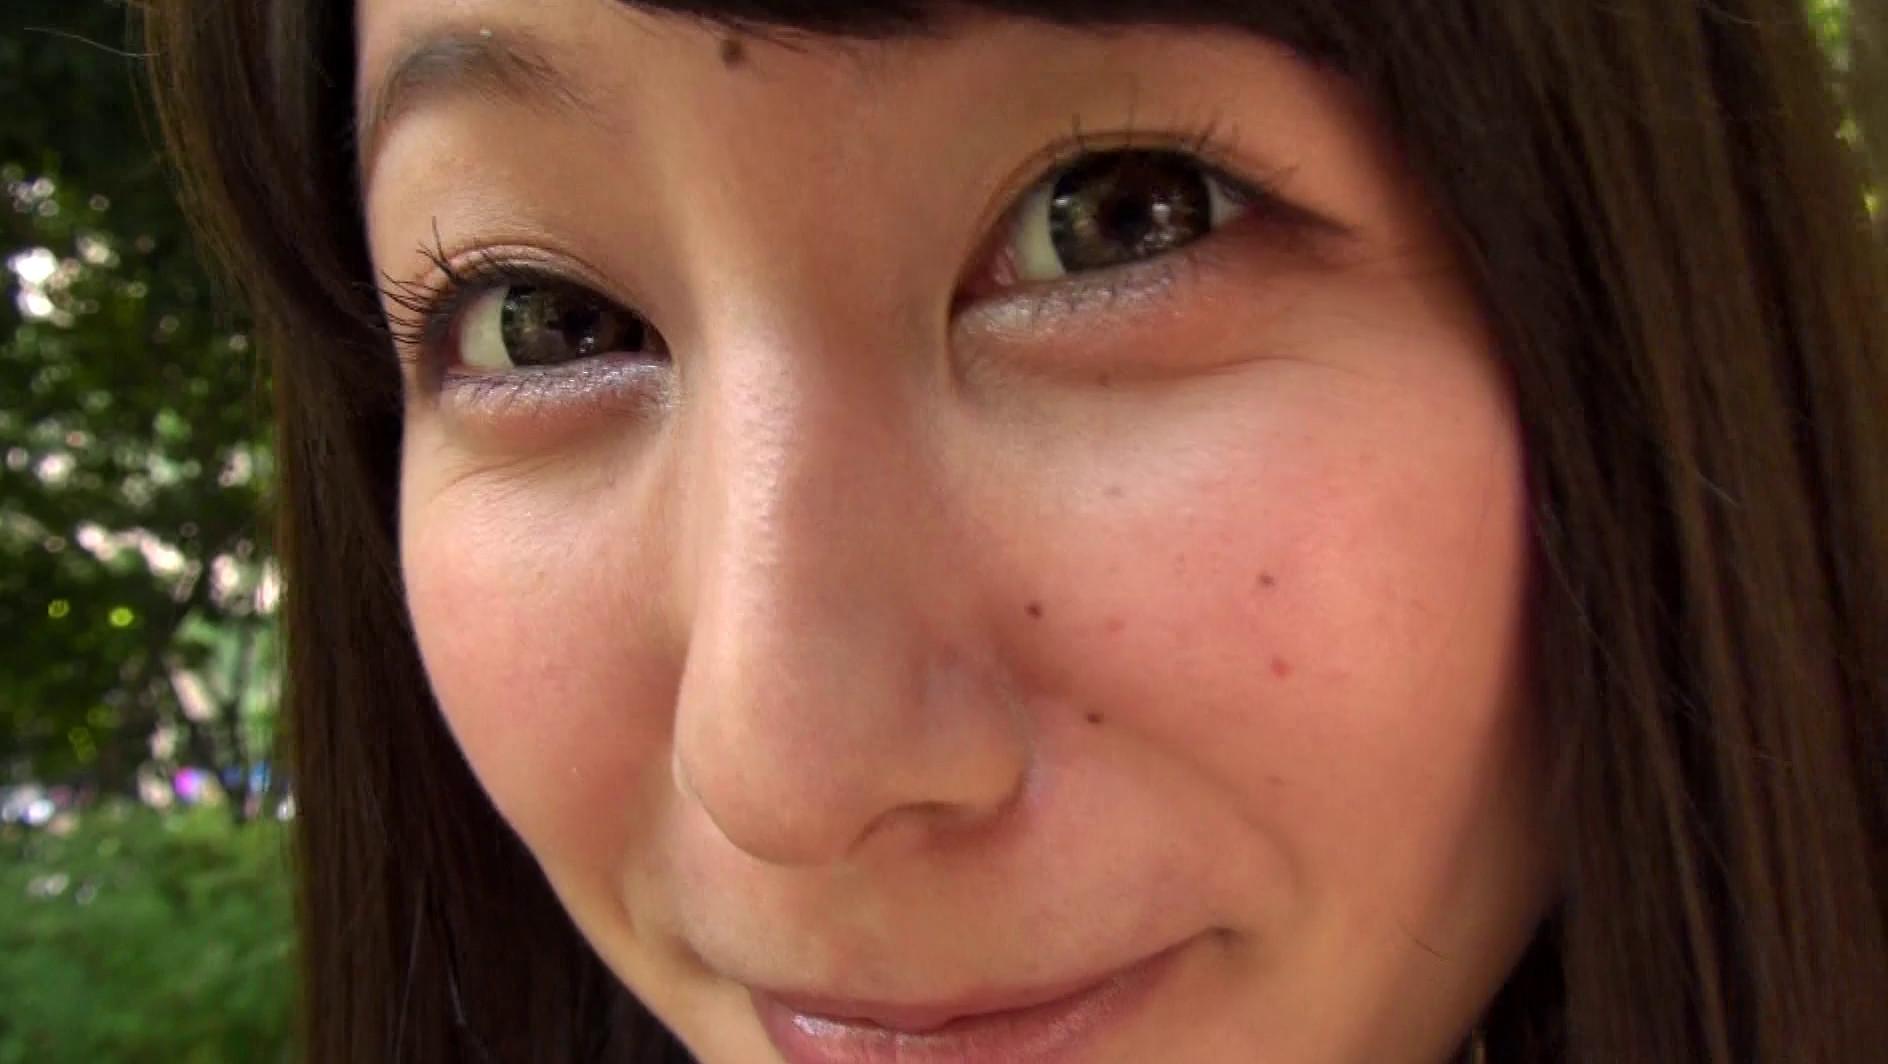 【独占放送】かわいい素○娘をナンパしてハメる! 4時間 Vol.12